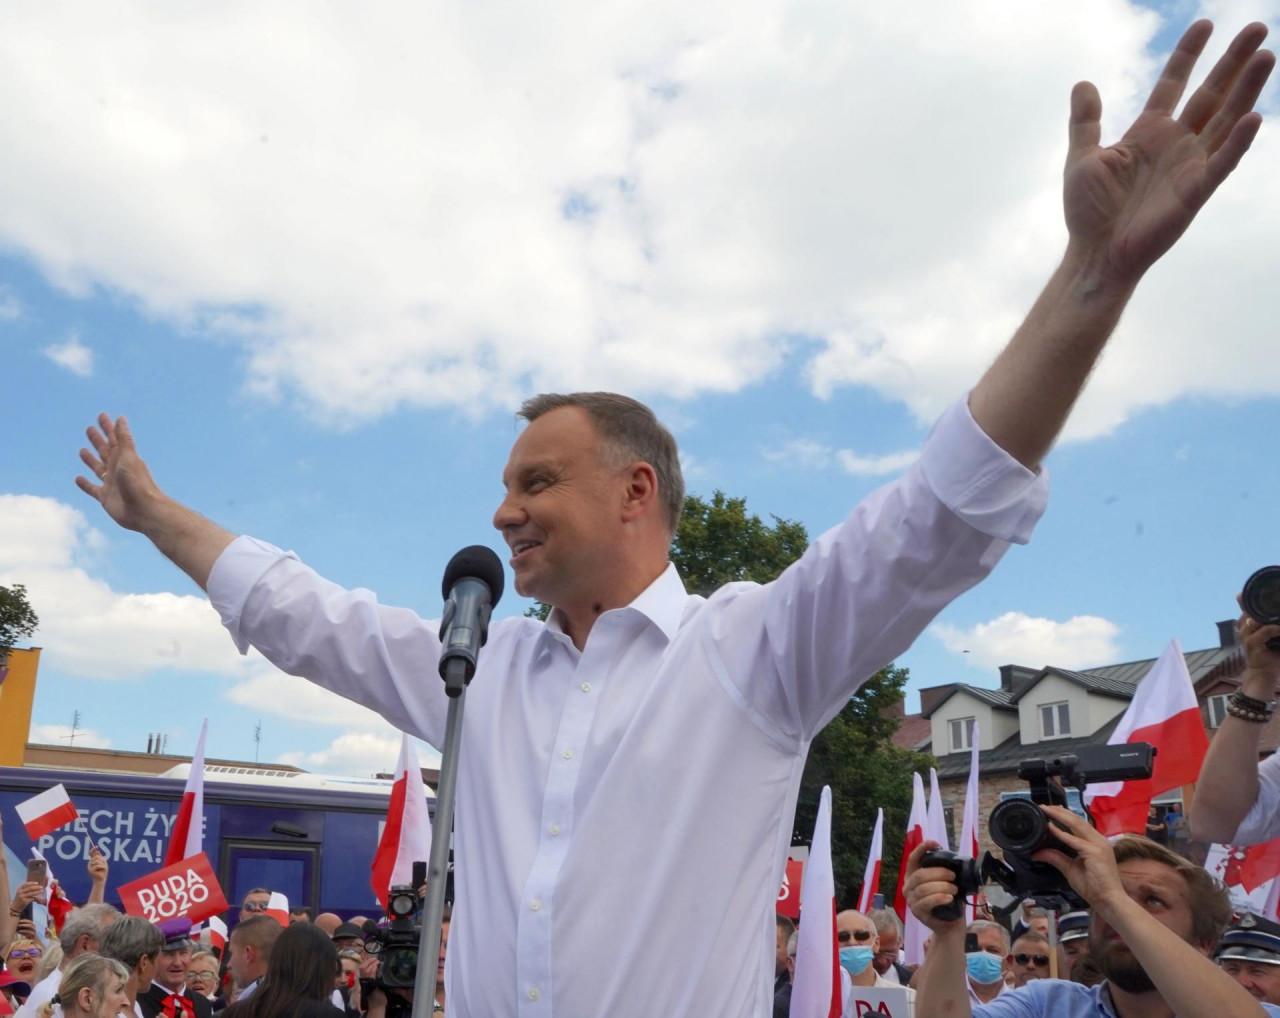 BIRALIŠTA SE ZATVARAJU U 21 SAT: Počeli neizvjesni izbori u Poljskoj koji bi mogli potpuno promijeniti političku scenu u državi